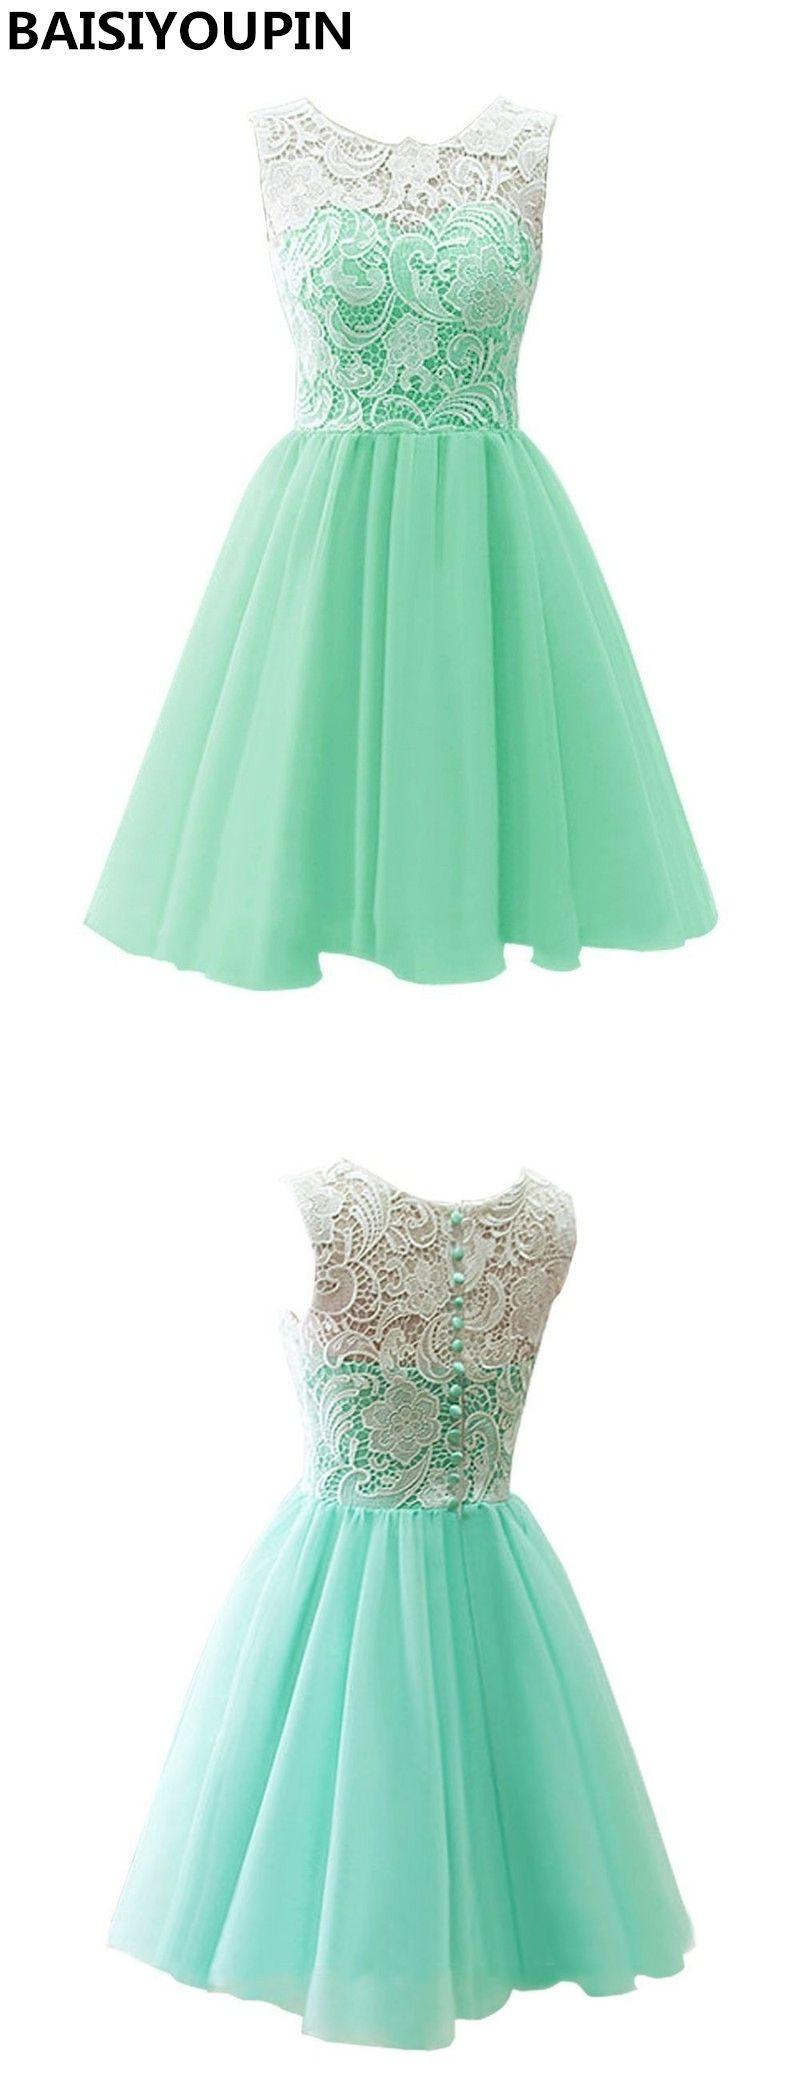 Short bridesmaid dresses cheap a line lace top chiffon party dresses